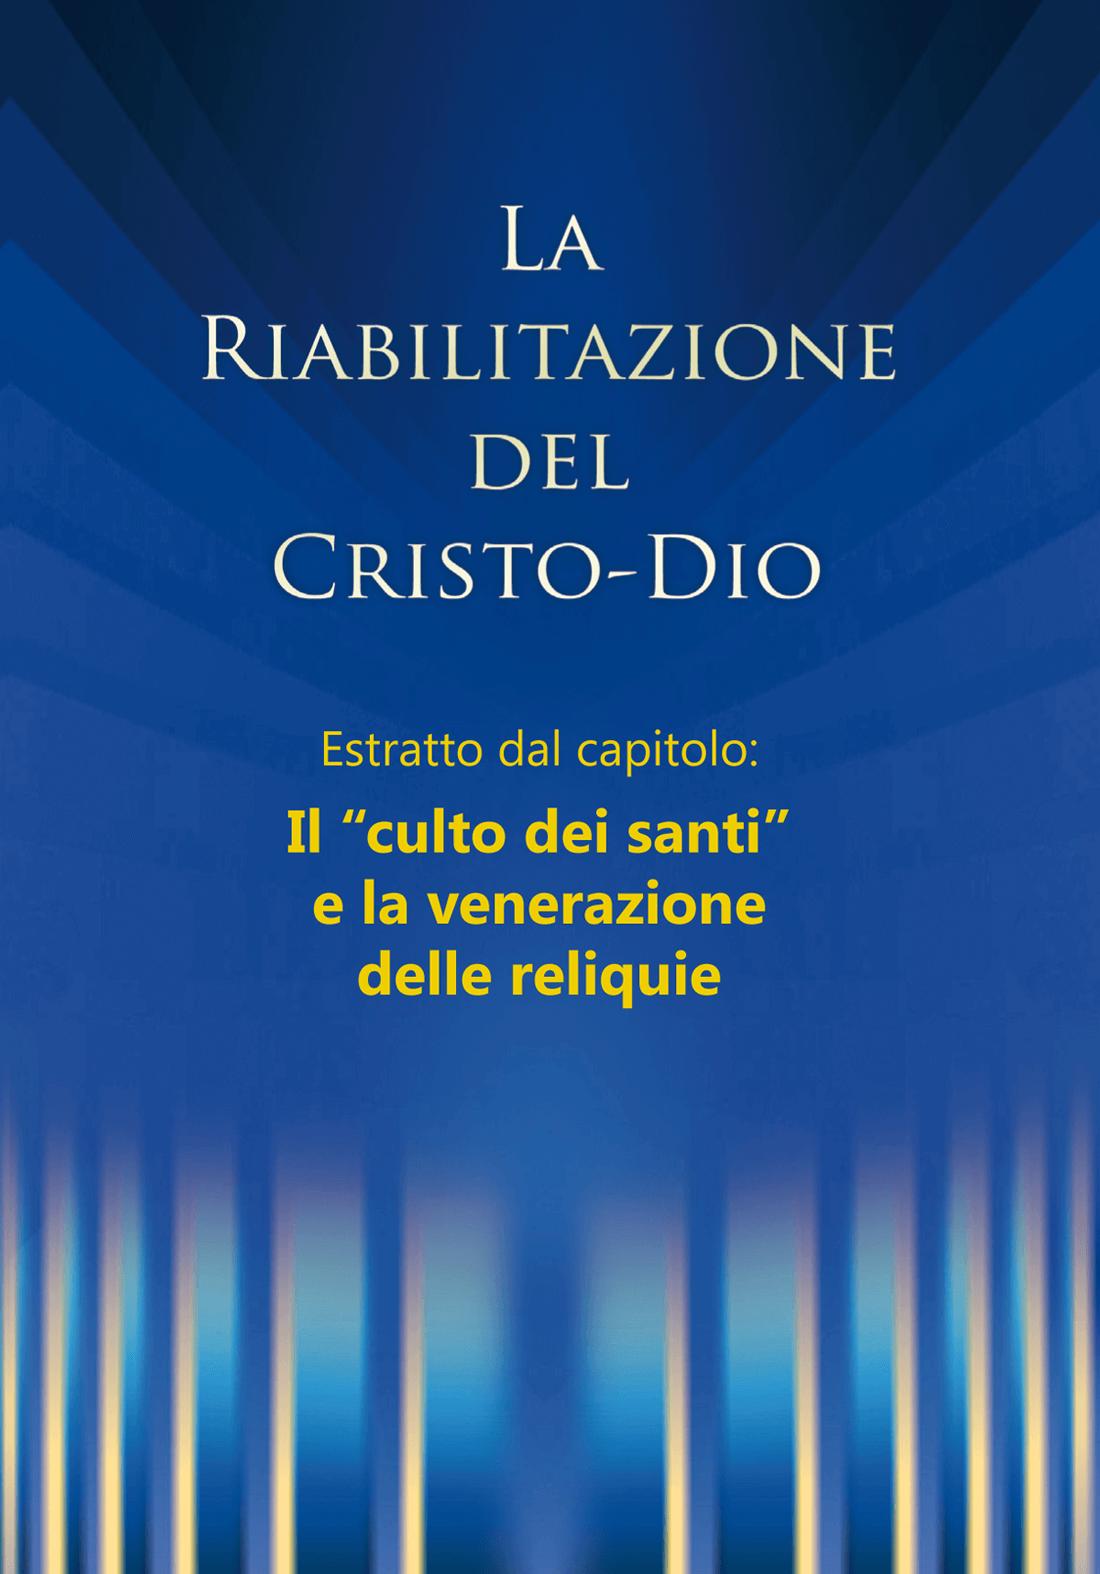 La riabilitazione - Estratto dal capitolo: Il culto dei santi e la venerazione delle reliquie